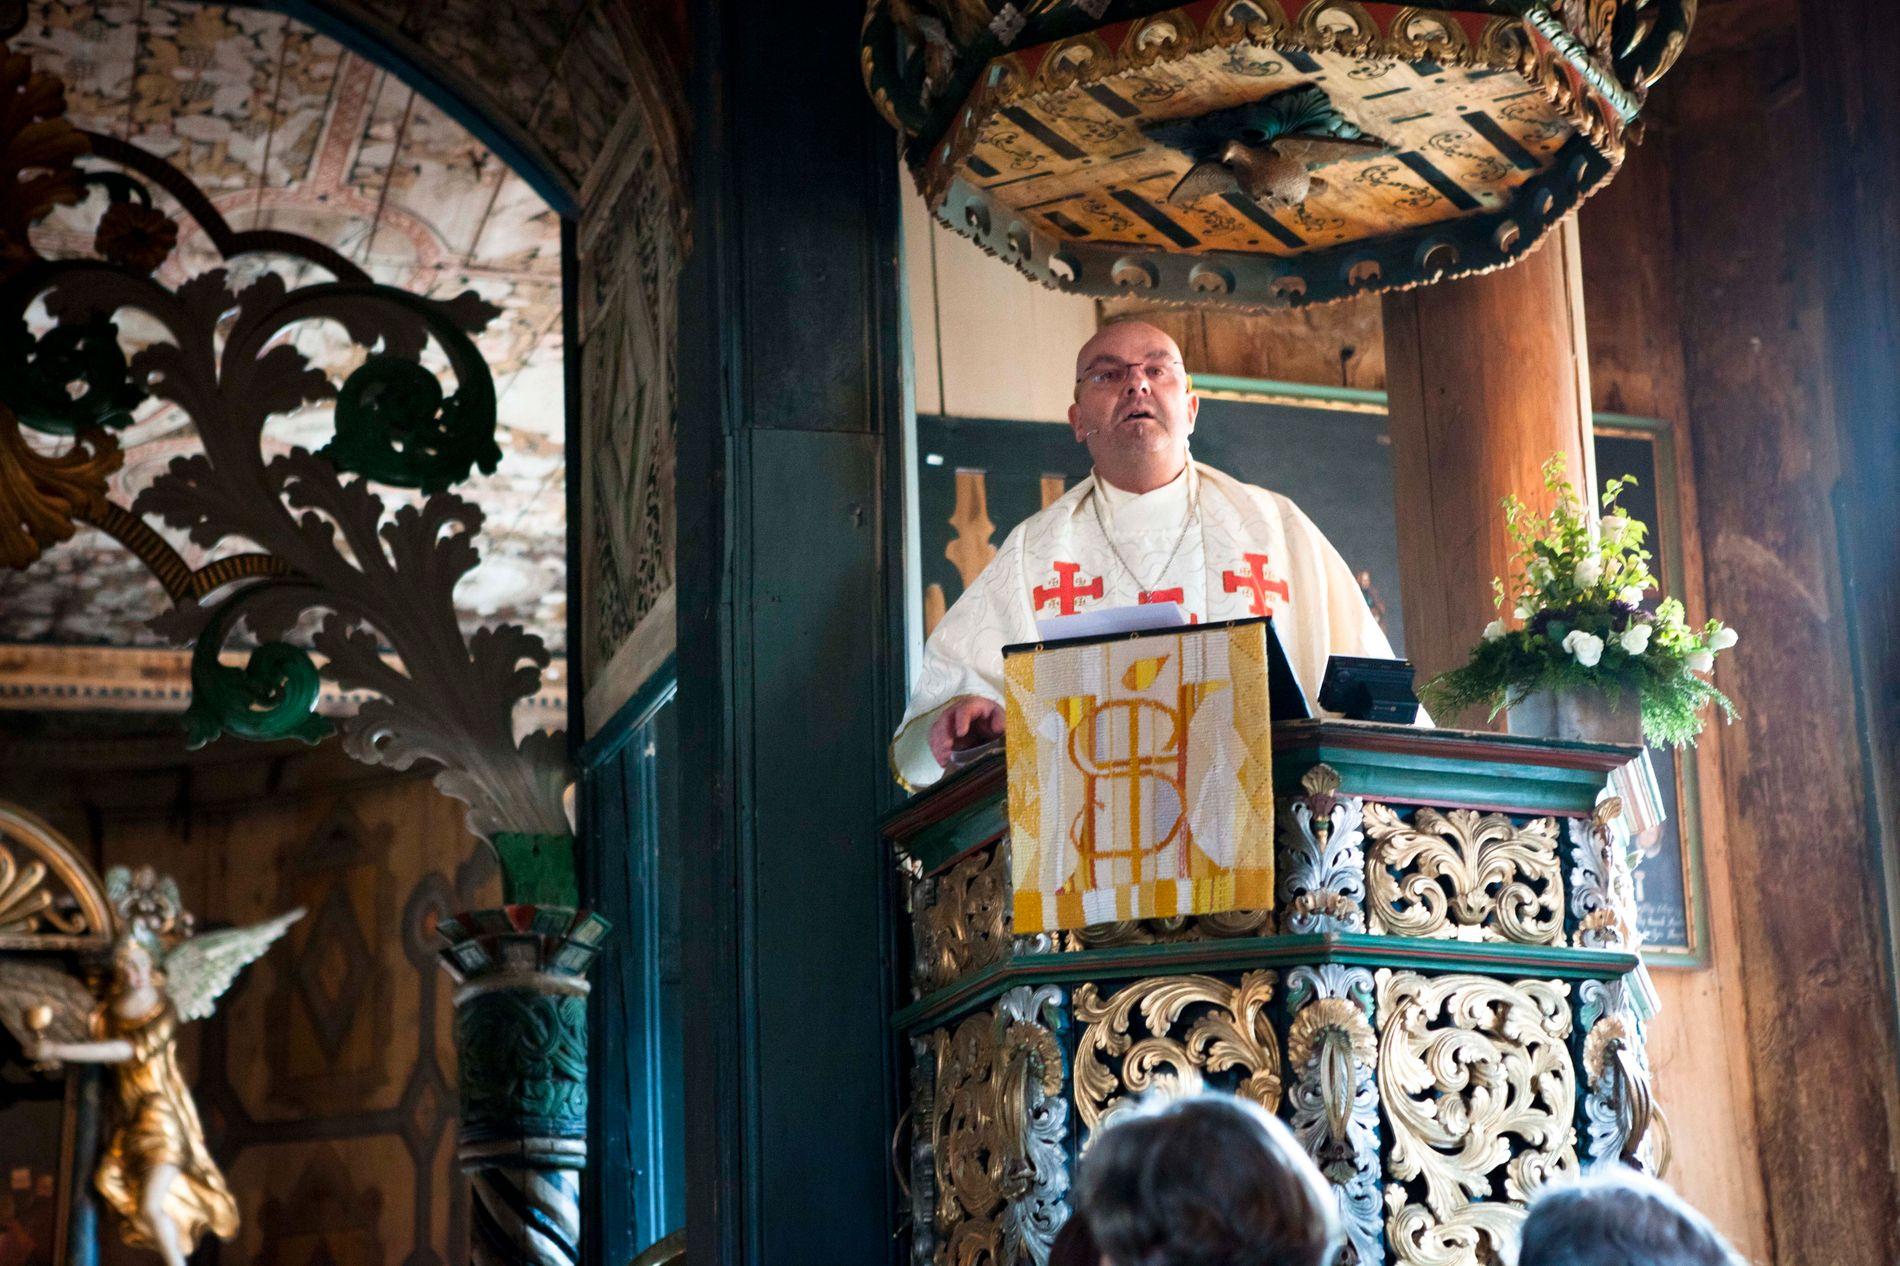 PÅ PREKESTOLEN: Einar Gelius har vært sogneprest i Lom siden 2014. Her er han avbildet under sin første gudstjeneste i Lom kirke. FOTO: MATHIAS JØRGENSEN/VG